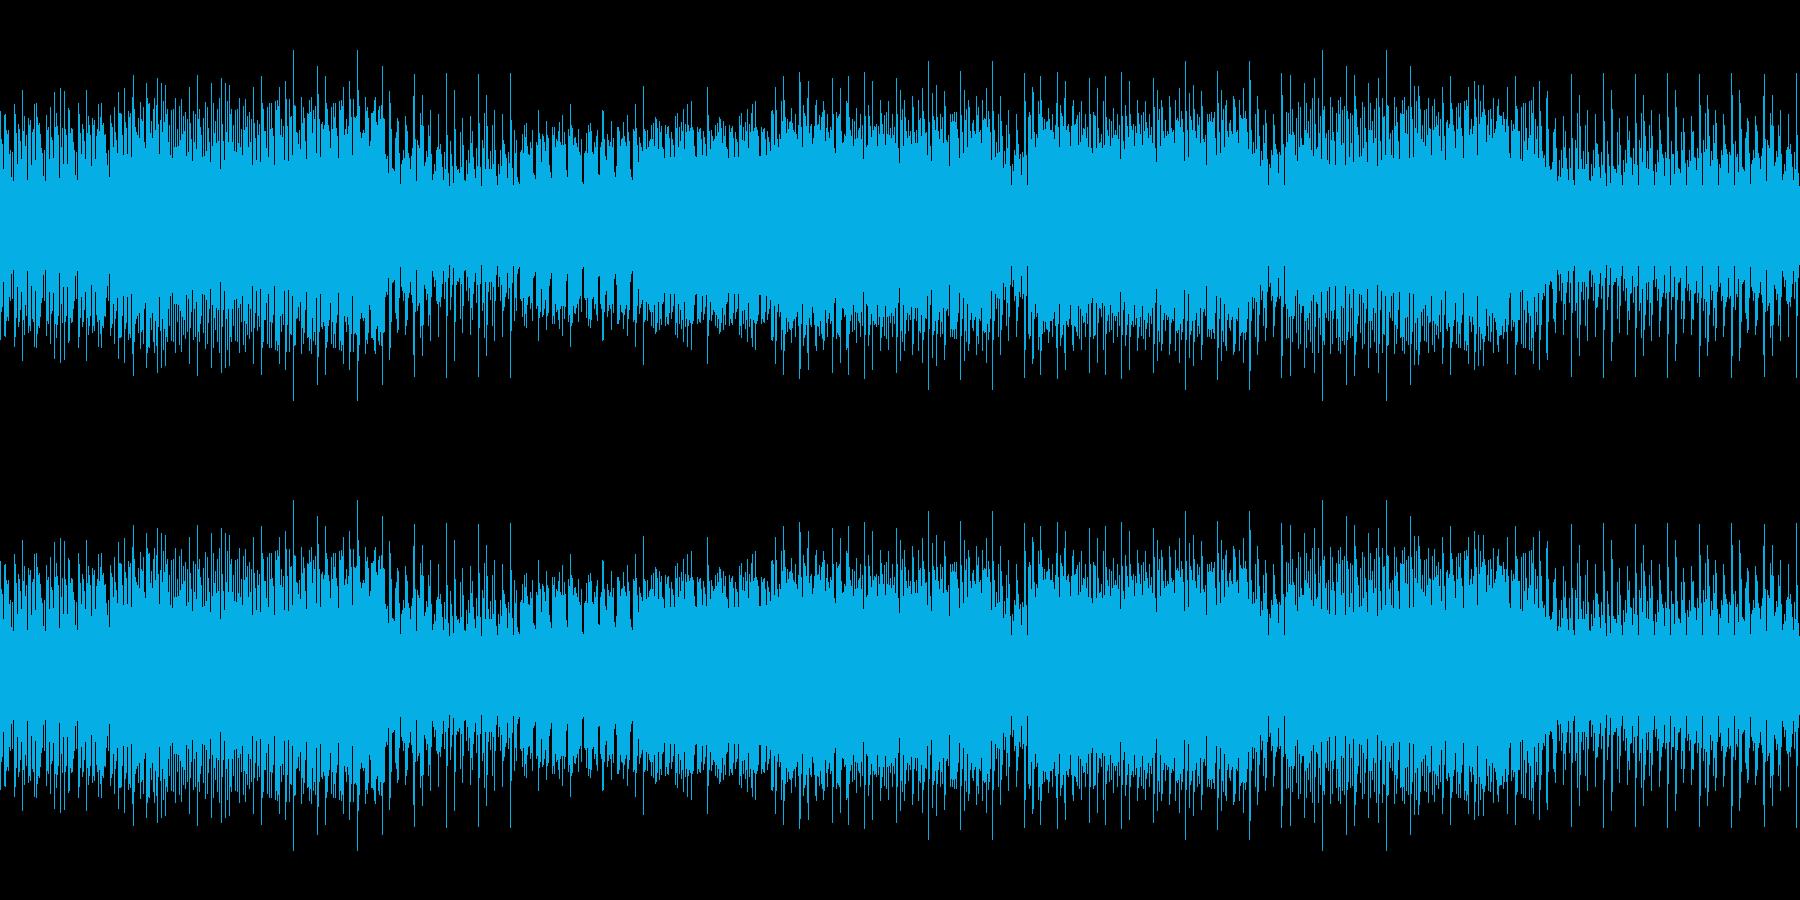 8ビットゲームサウンドBGM 06の再生済みの波形